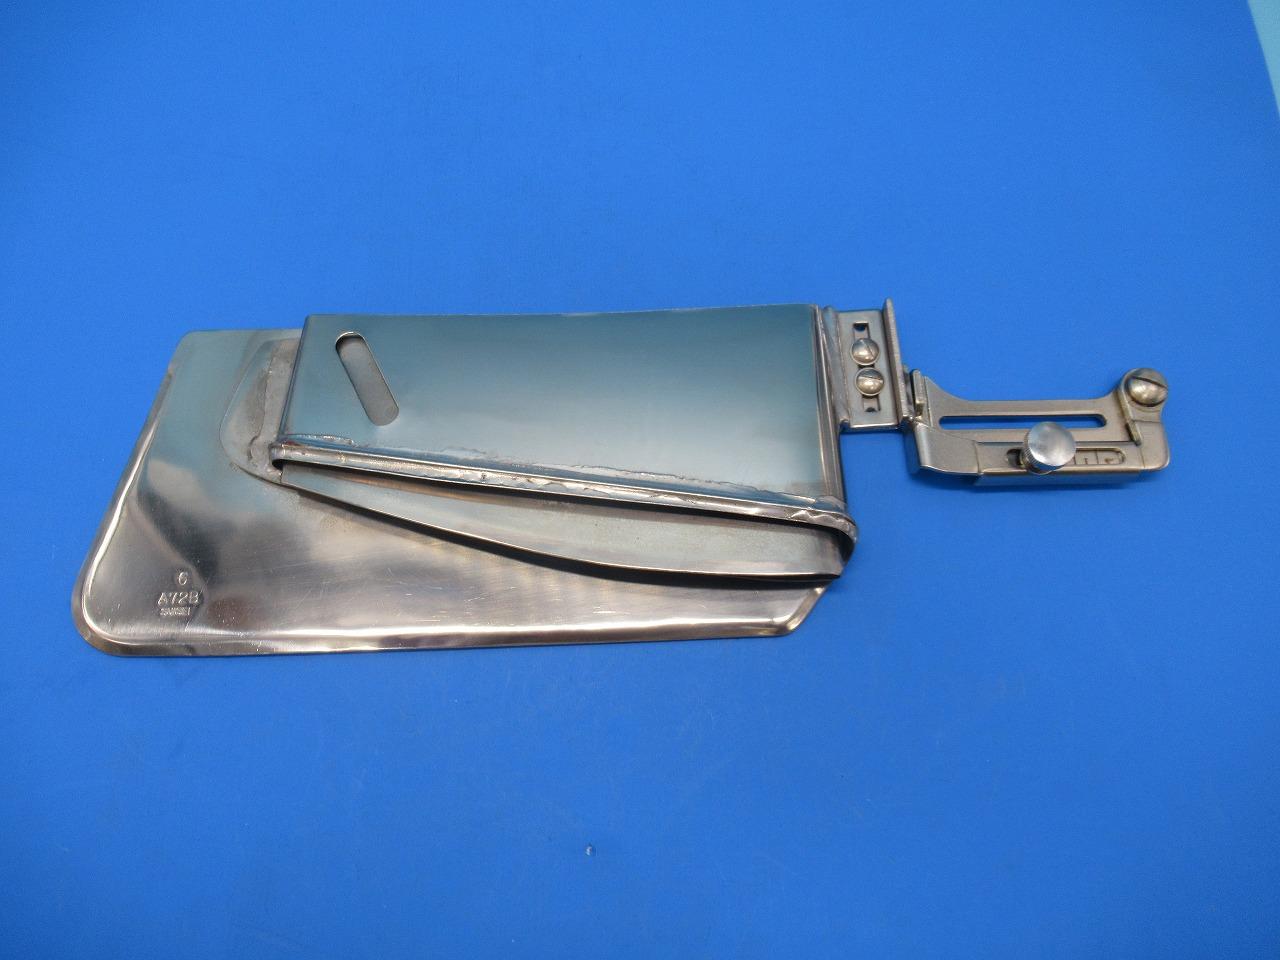 新品 SUISEI A72B型 スクイ縫いミシン用 高品質 回転三巻ラッパ 6mmサイズ 出色